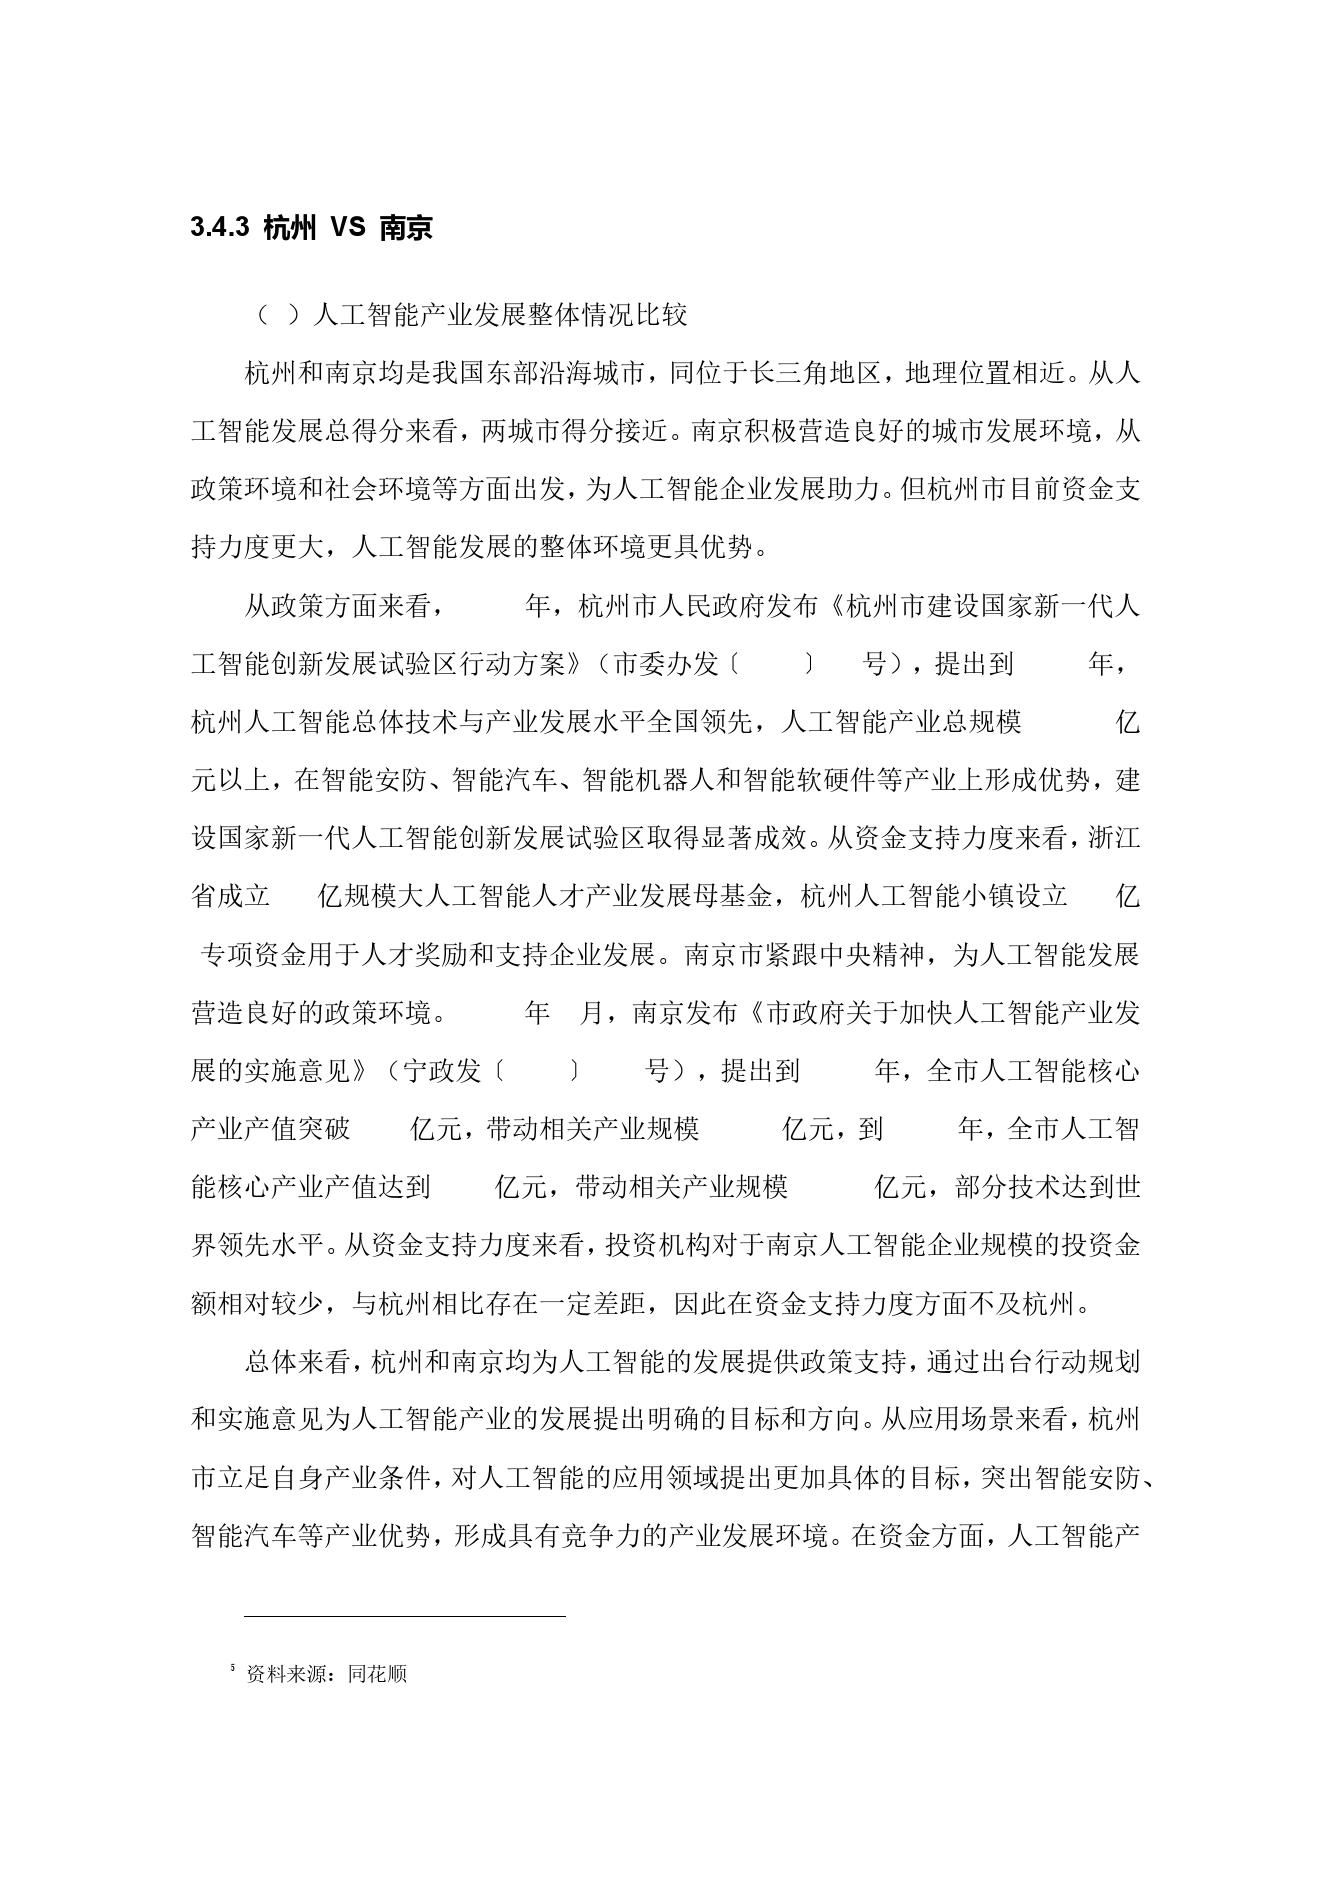 36氪研究院:2020年中国城市人工智能发展指数报告(可下载报告)插图(75)